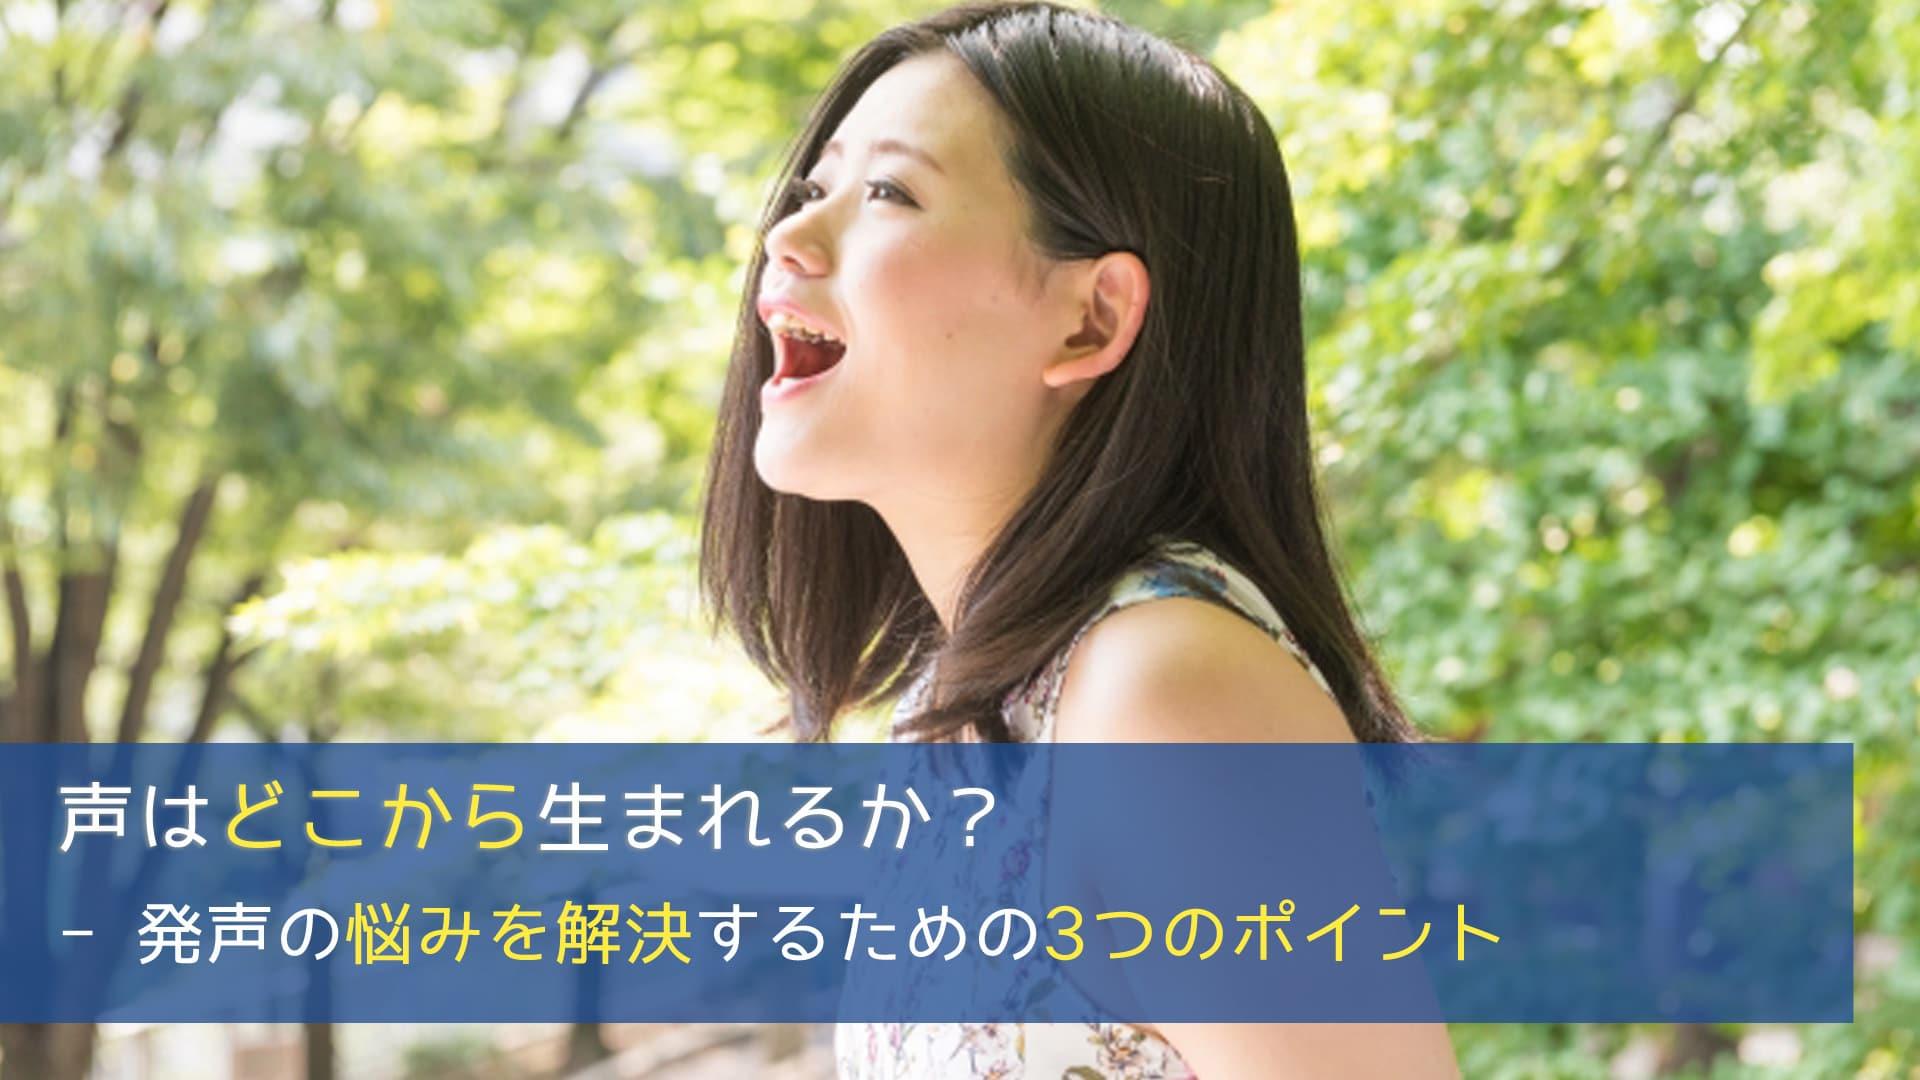 声はどこから生まれるか? - 発声の悩みを解決するための3つのポイント